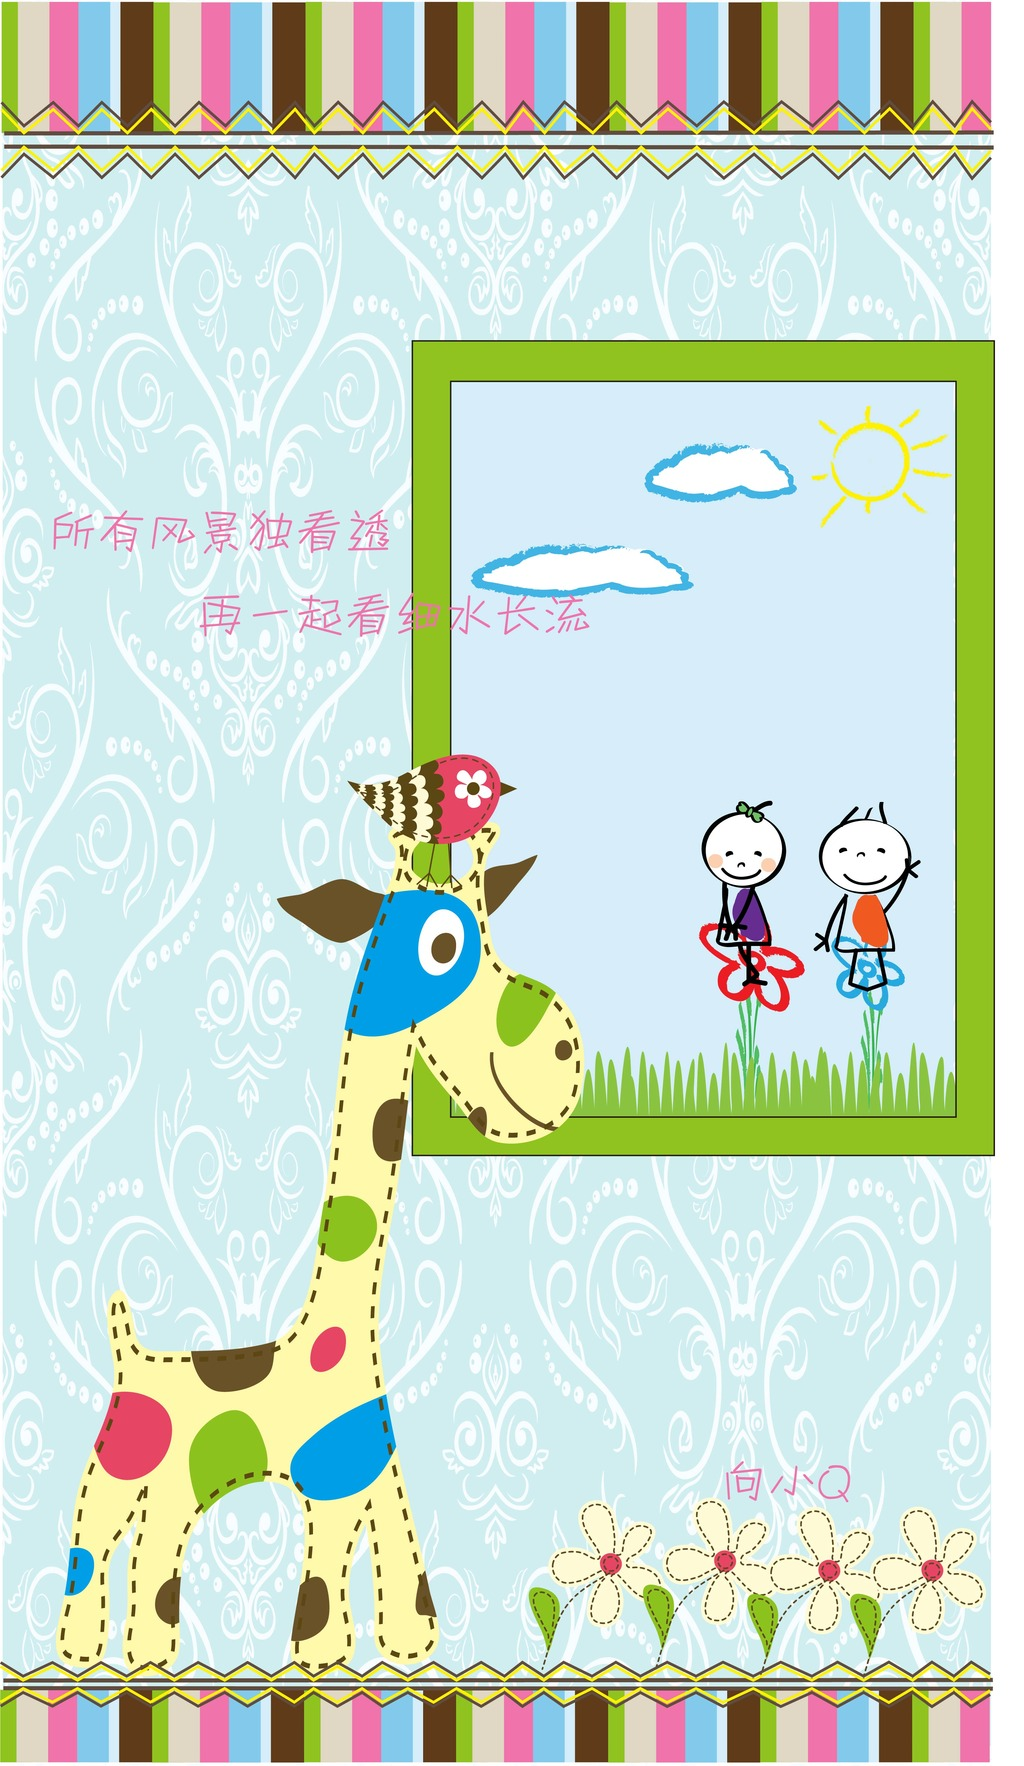 卡通背景儿童模板下载 卡通背景儿童图片下载